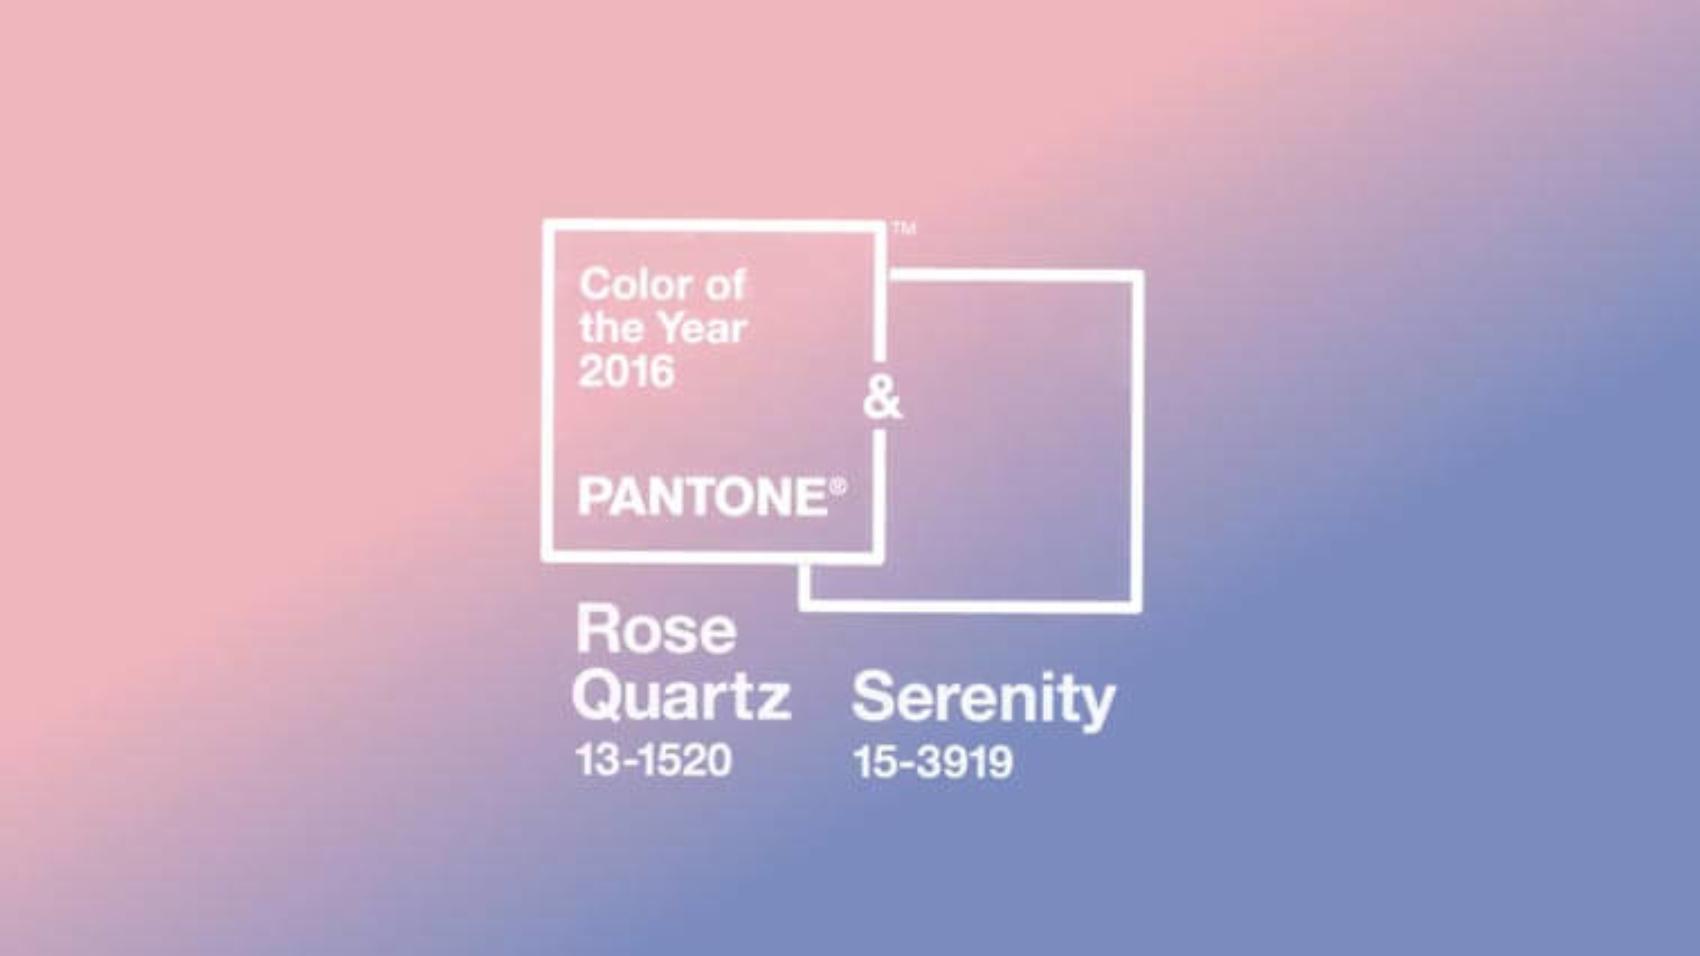 Rose Quartz & Serenity — PANTONE Colors of the Year 2016